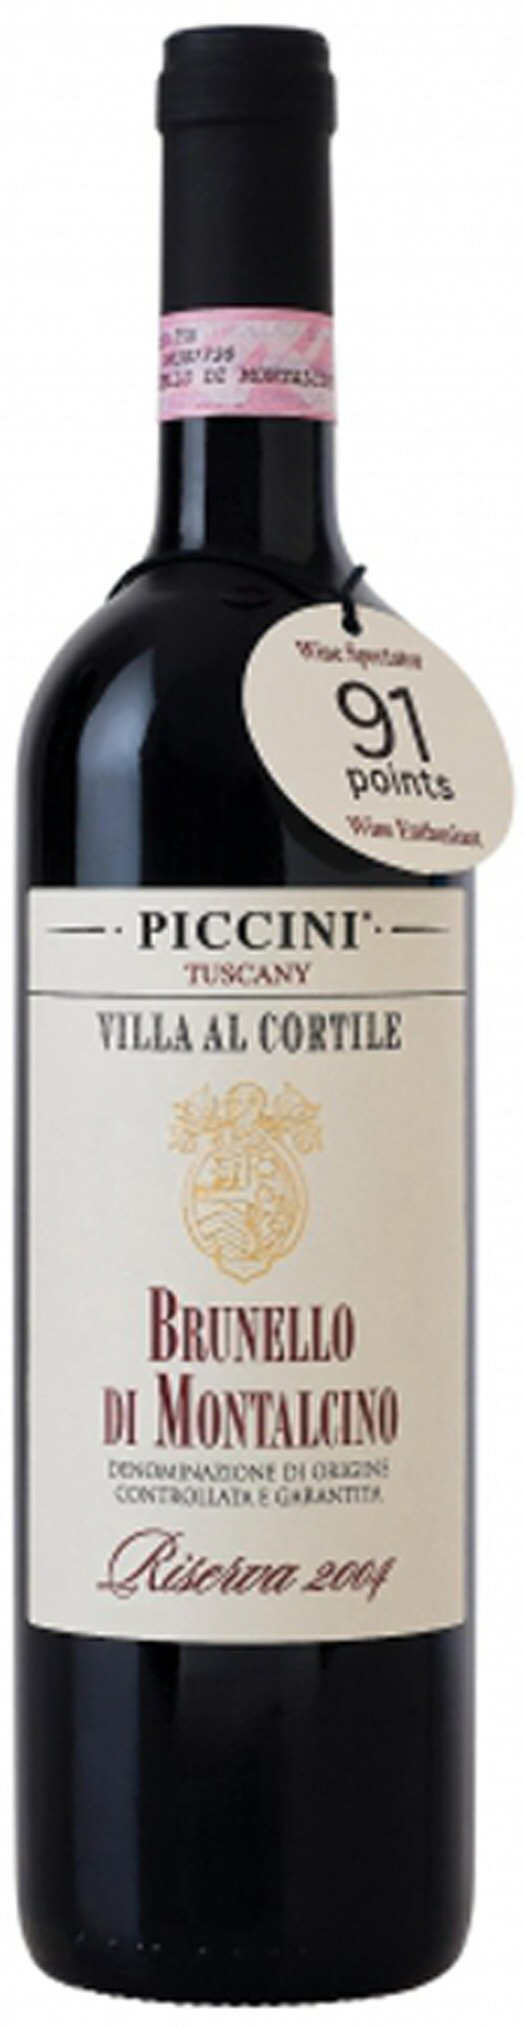 Villa Al Cortile Reserva - Rượu vang Ý nhập khẩu